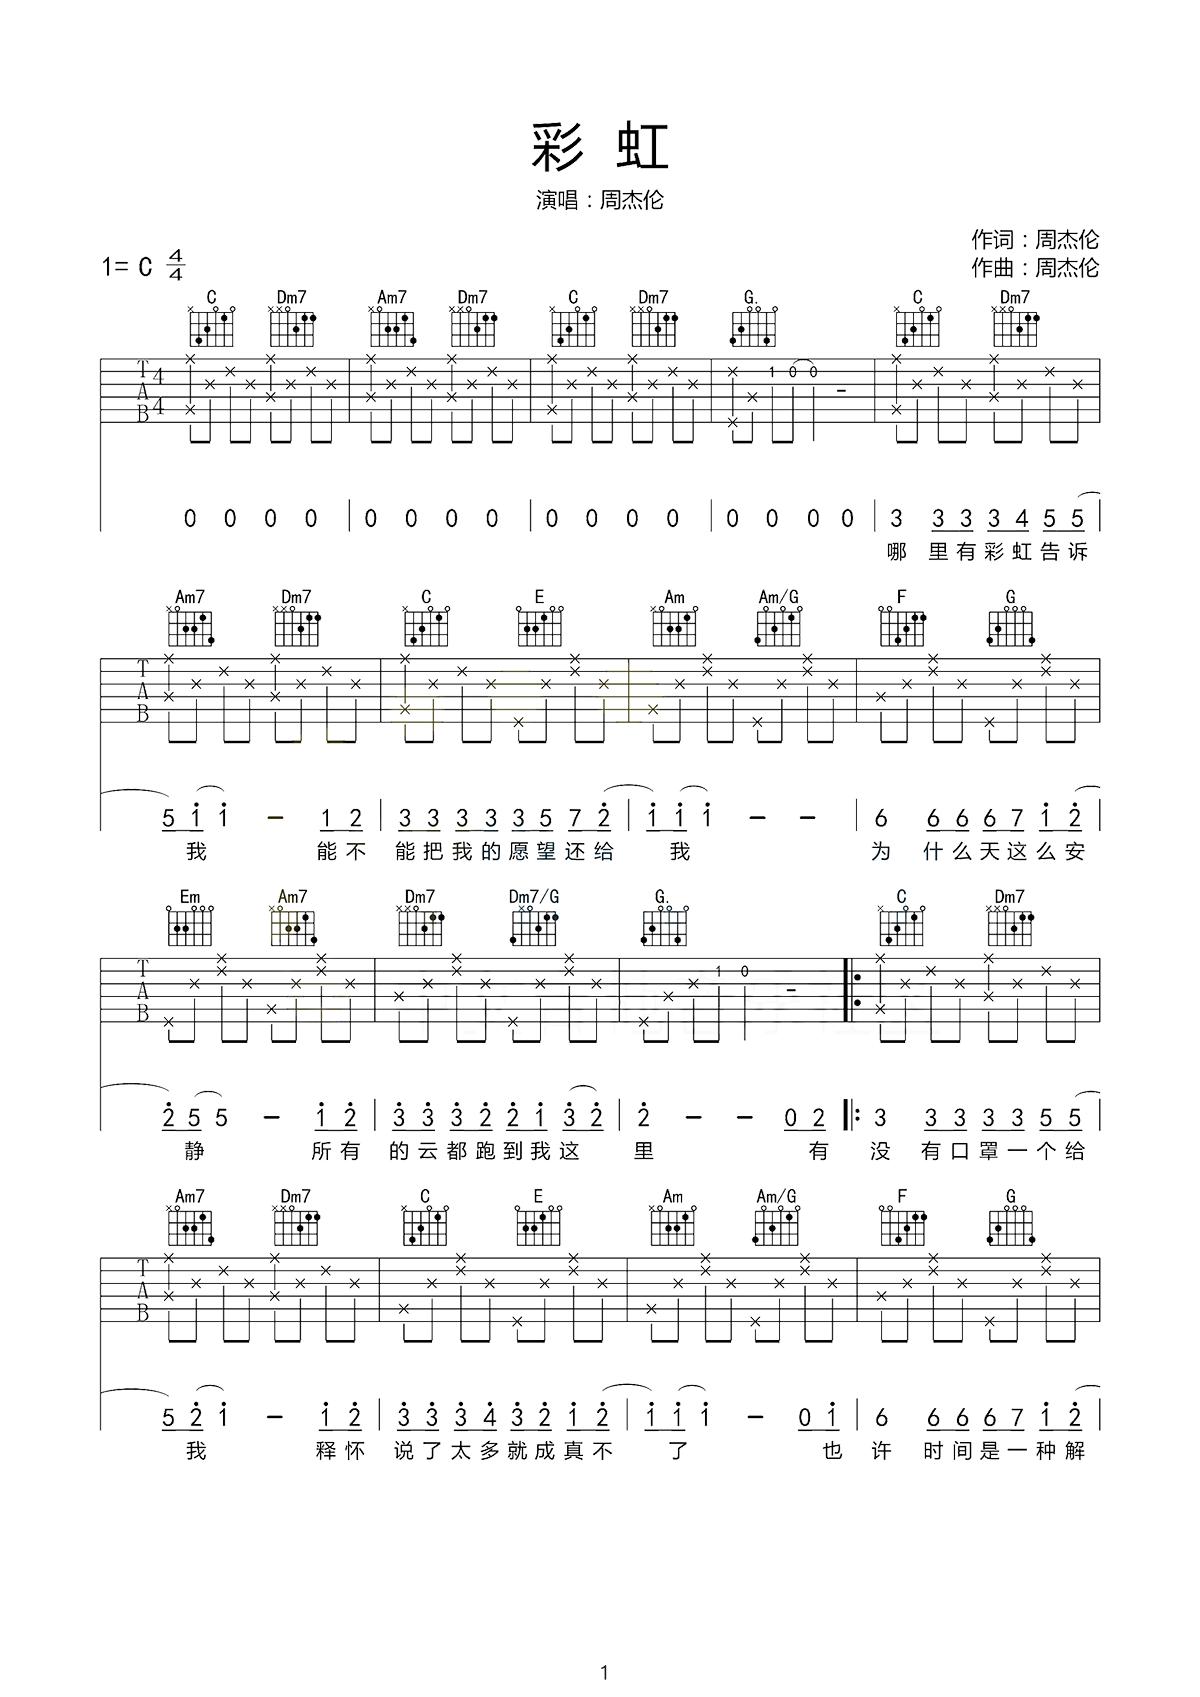 《彩虹》是周杰伦演唱的一首歌曲,由周杰伦作曲、作词,收录在他2007年发行的专辑《我很忙》中,同时这首歌曲也是电影《命运呼叫转移》的主题曲。2009年,该首歌曲获得了2008无线音乐咪咕汇无线音乐最畅销电影金曲奖,《彩虹》是电影《不能说的秘密》同名主题曲的延伸版本。因为周杰伦很喜欢《不能说的秘密》其中一个旋律,所以一直希望有机会拿出来再次演绎。